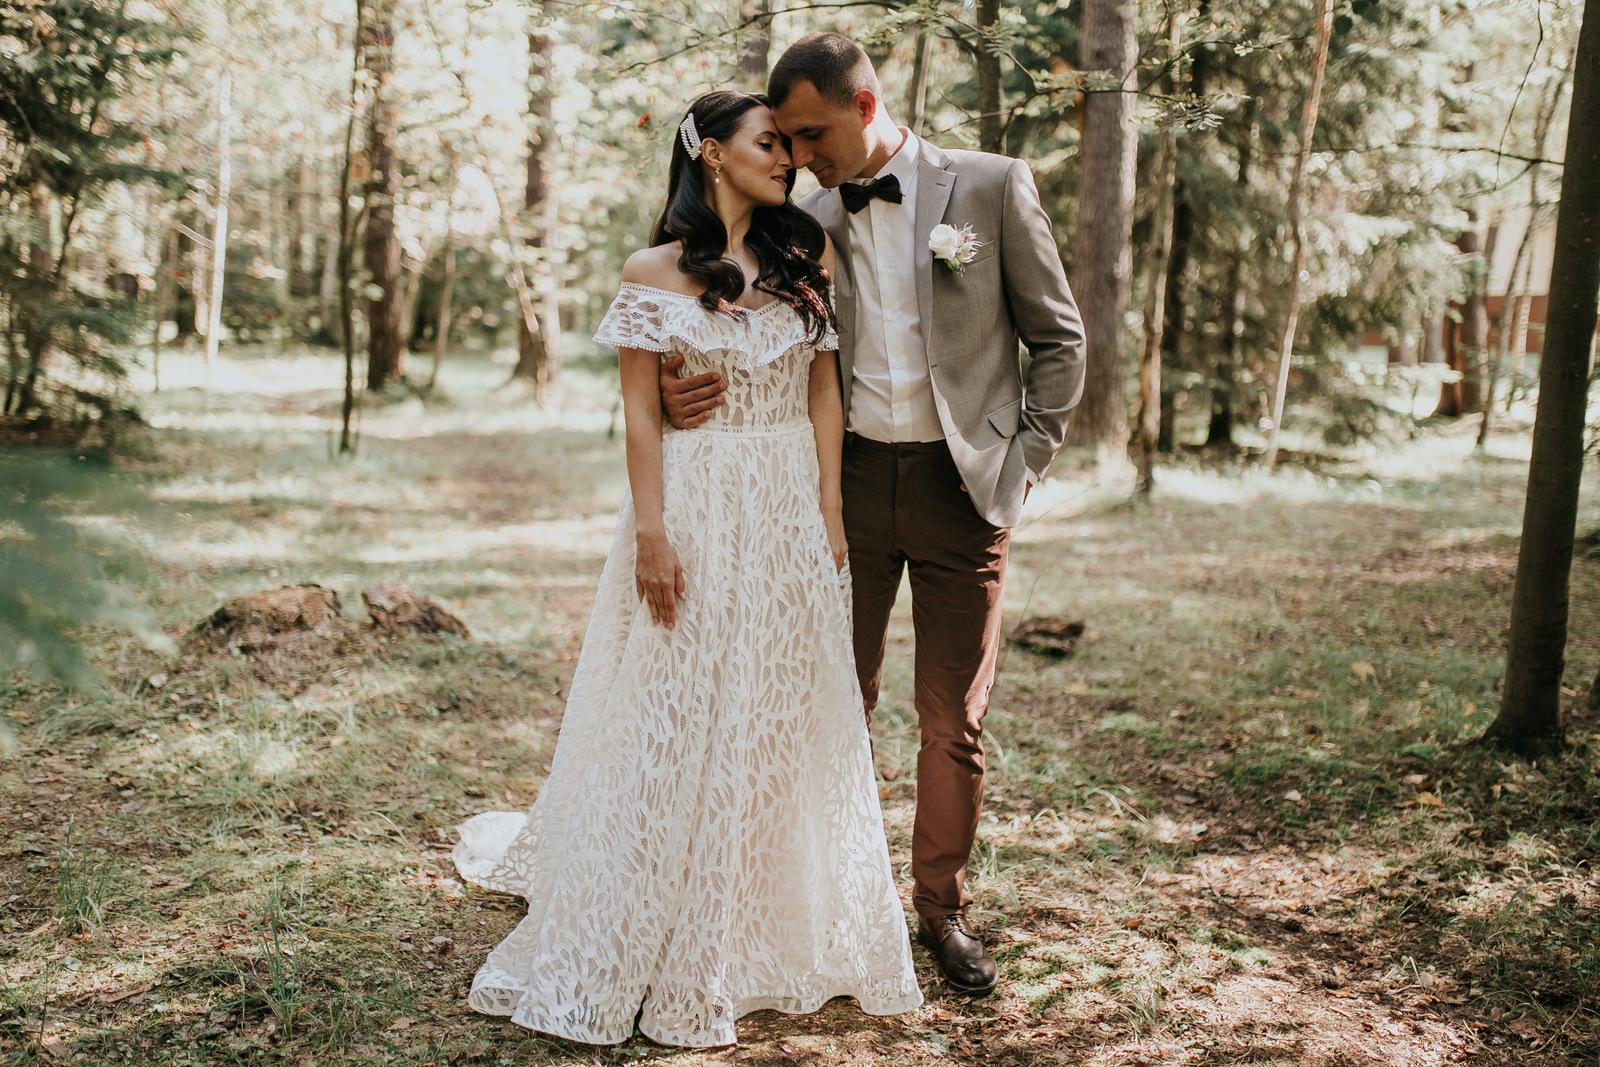 Любовь к природе: эко-свадьба в загородном парк-отеле